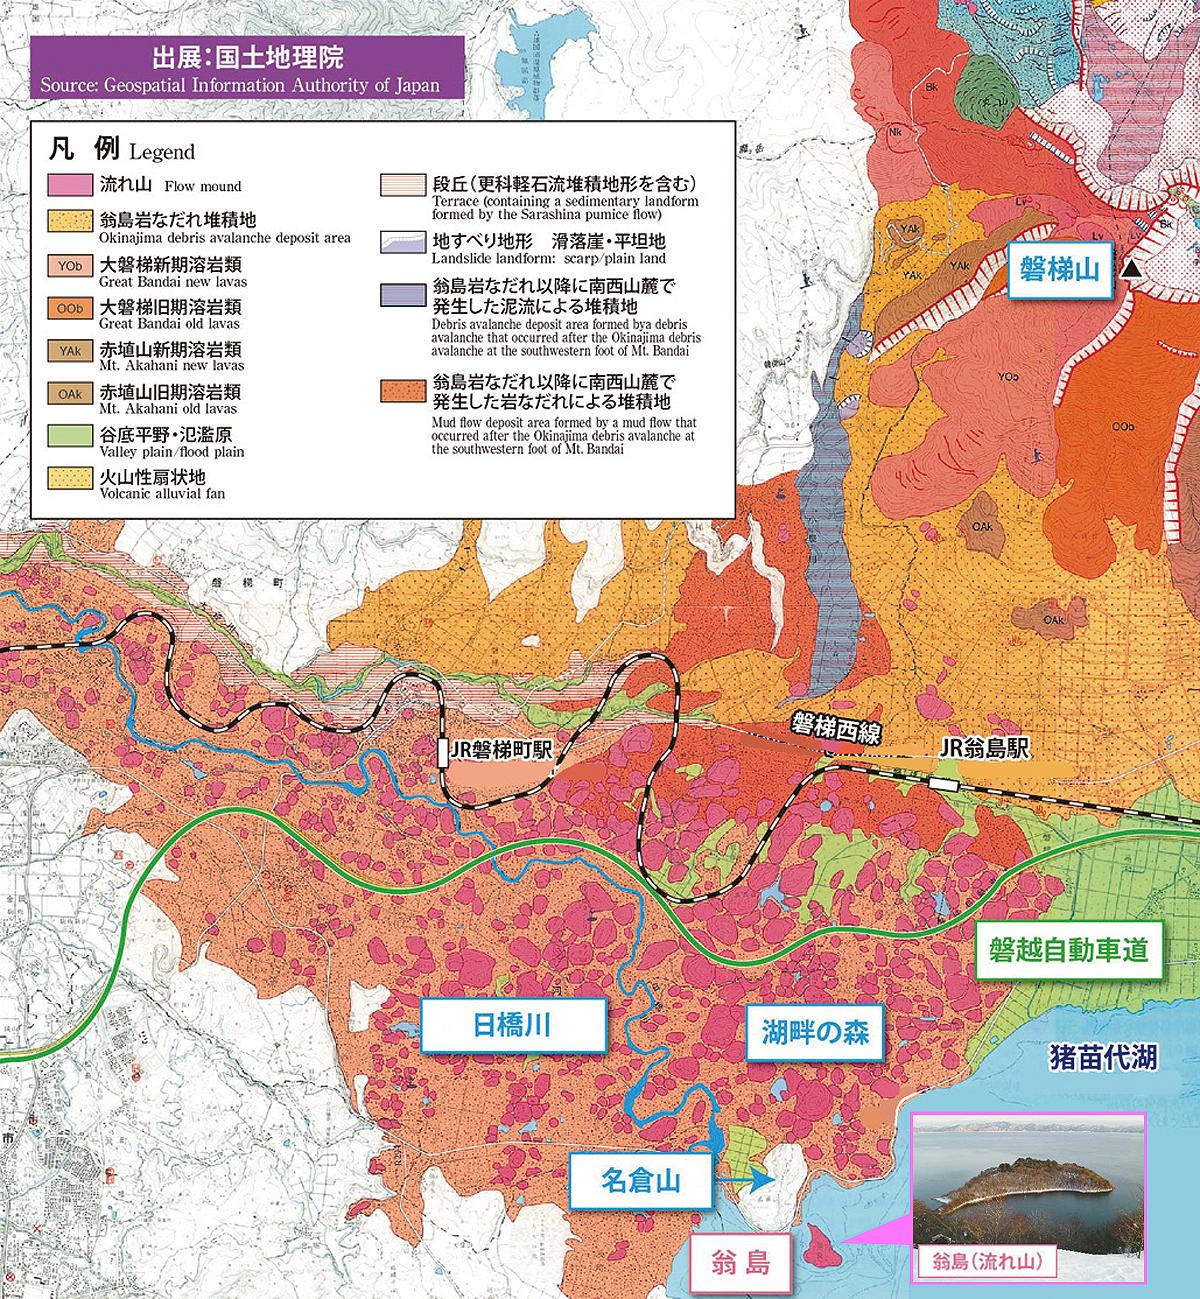 猪苗代湖北西岸の火山土地条件図